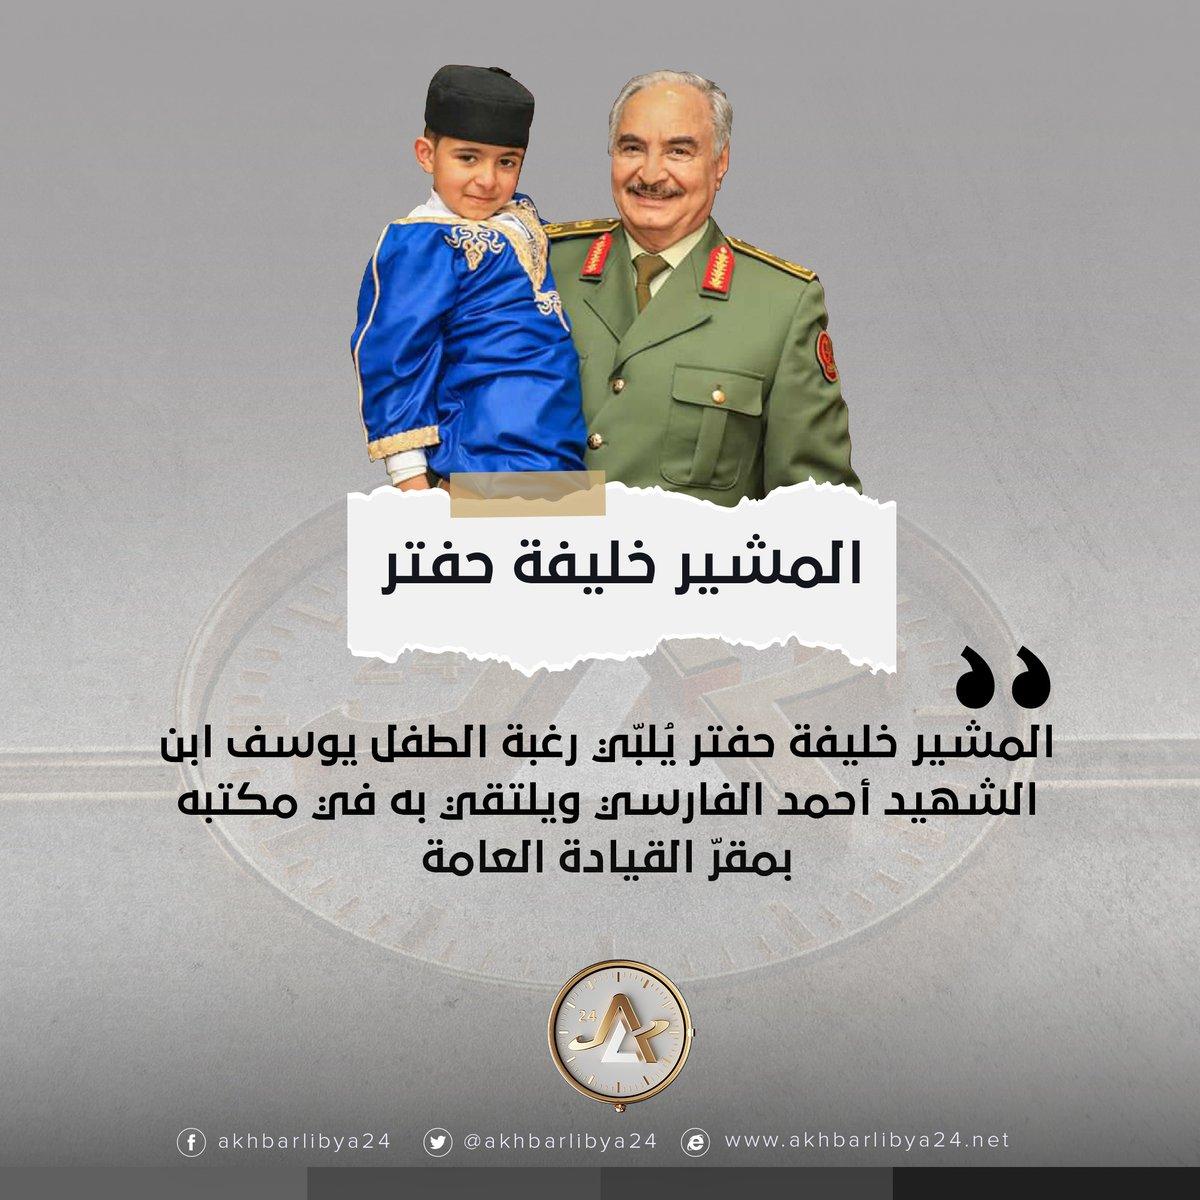 المشير خليفة حفتر يُلبّي رغبة الطفل يوسف ابن الشهيد أحمد الفارسي ويلتقي به في مكتبه بمقرّ القيادة العامة .